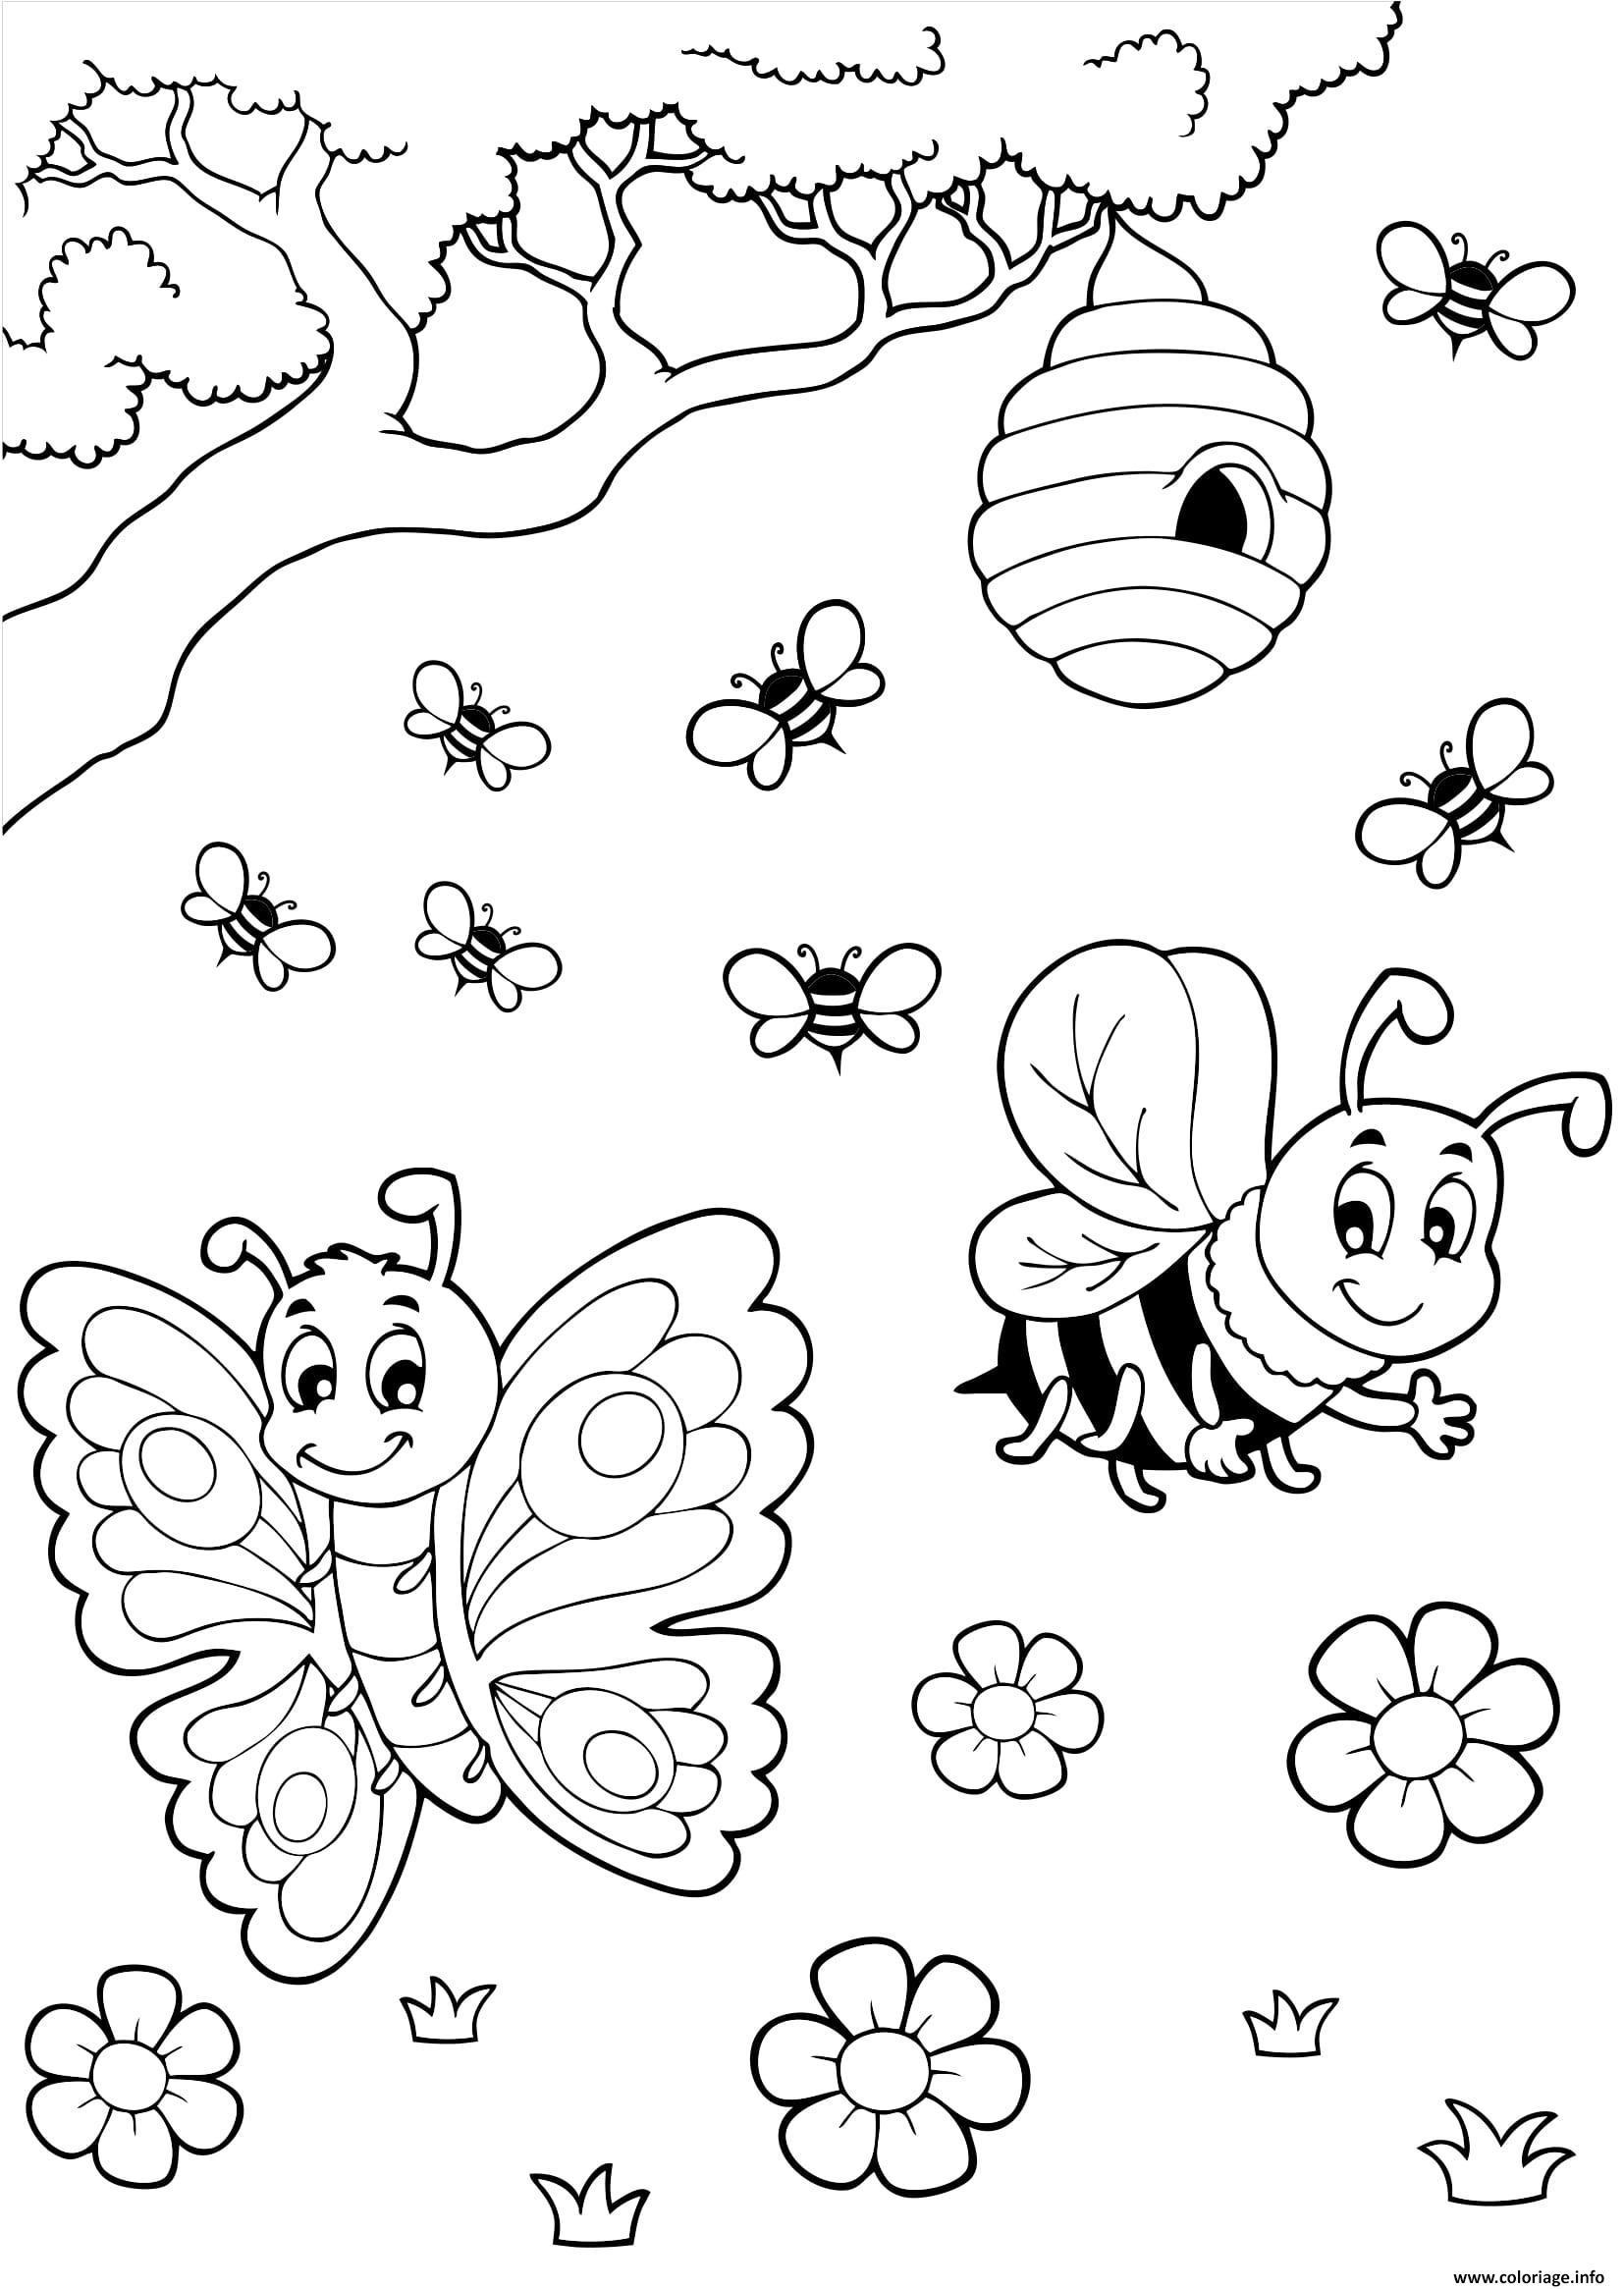 Coloriage Ruche Papillon Abeille Miel Dessin destiné Dessin A Imprimer Papillon Gratuit